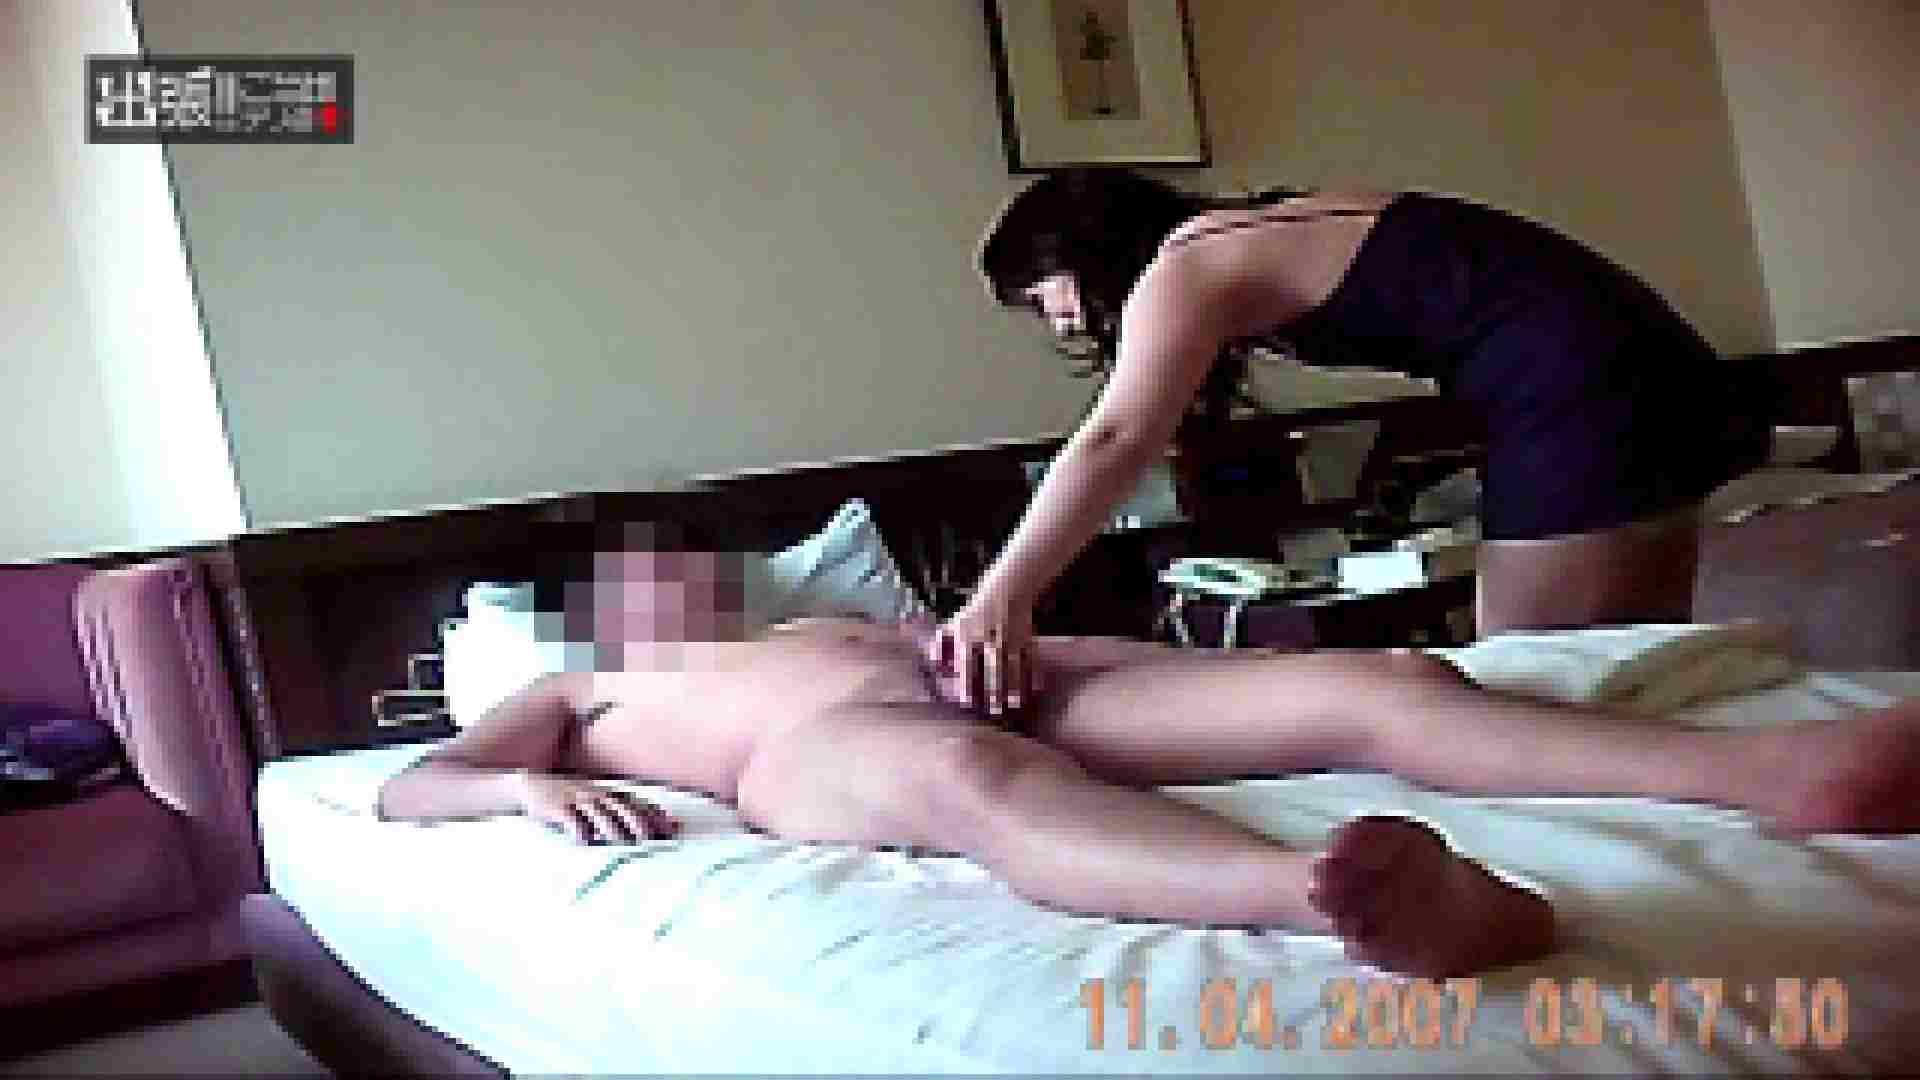 出張リーマンのデリ嬢隠し撮り第2弾 投稿 のぞき動画画像 82pic 82